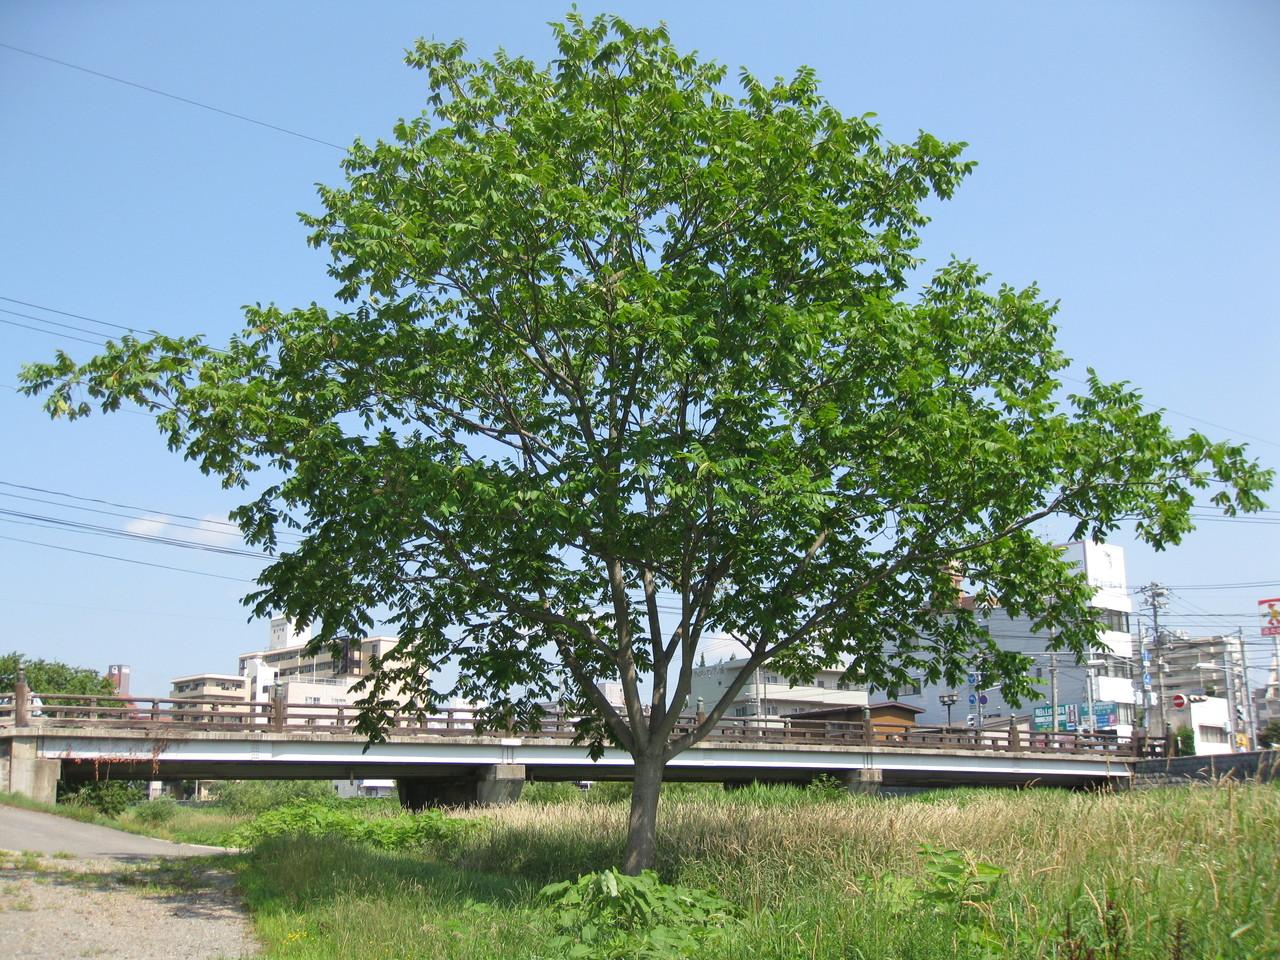 これが和グルミ(オニグルミ)の木です。